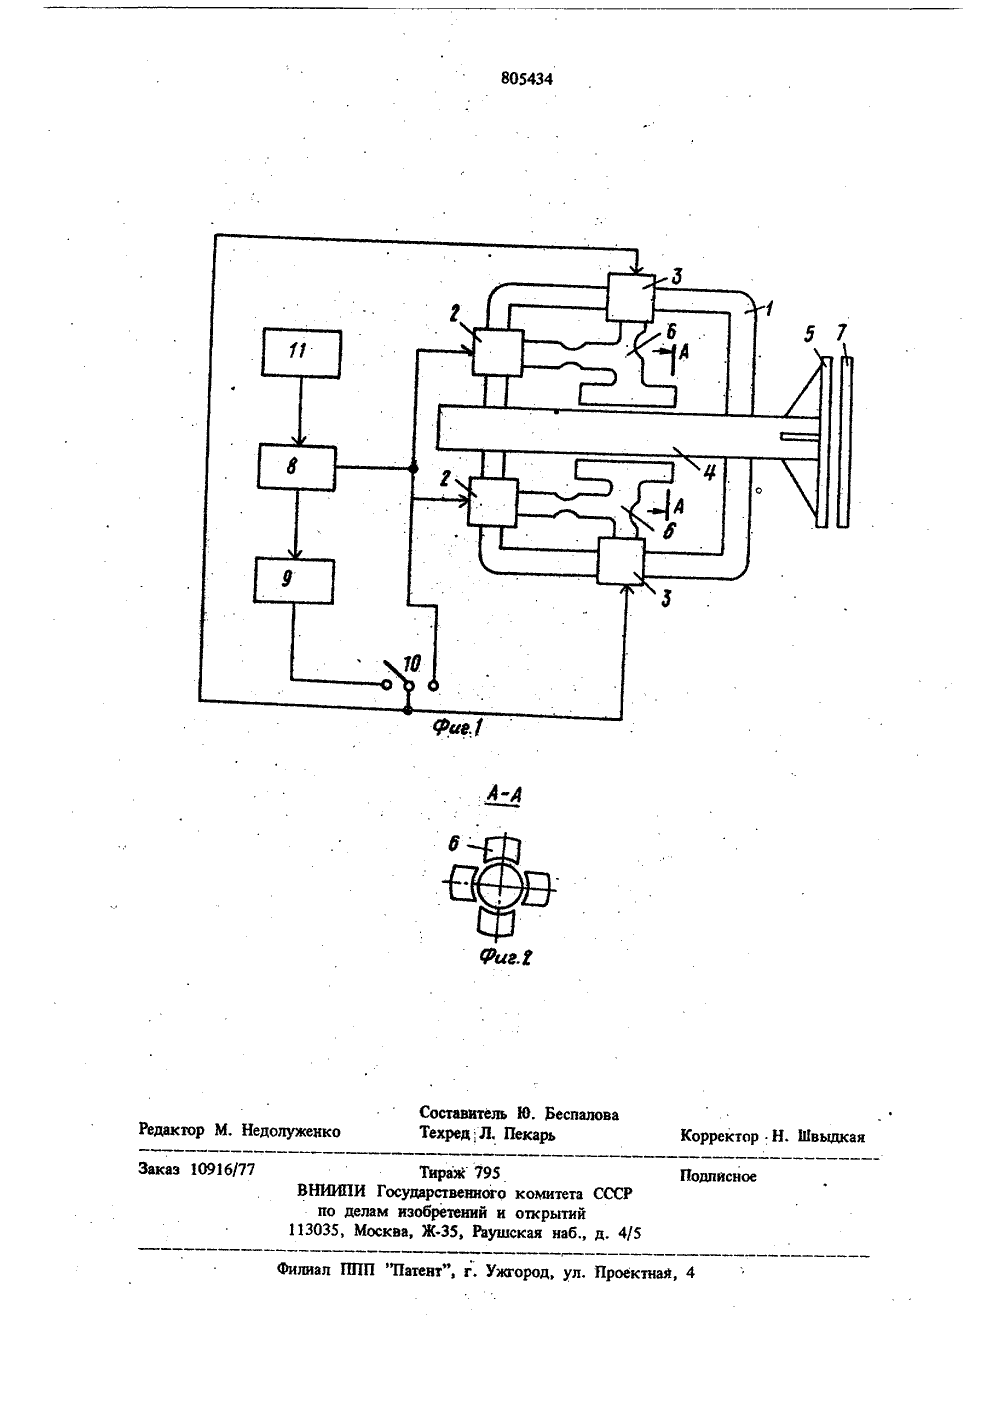 Переменный конденсатор своими руками чертежи 39